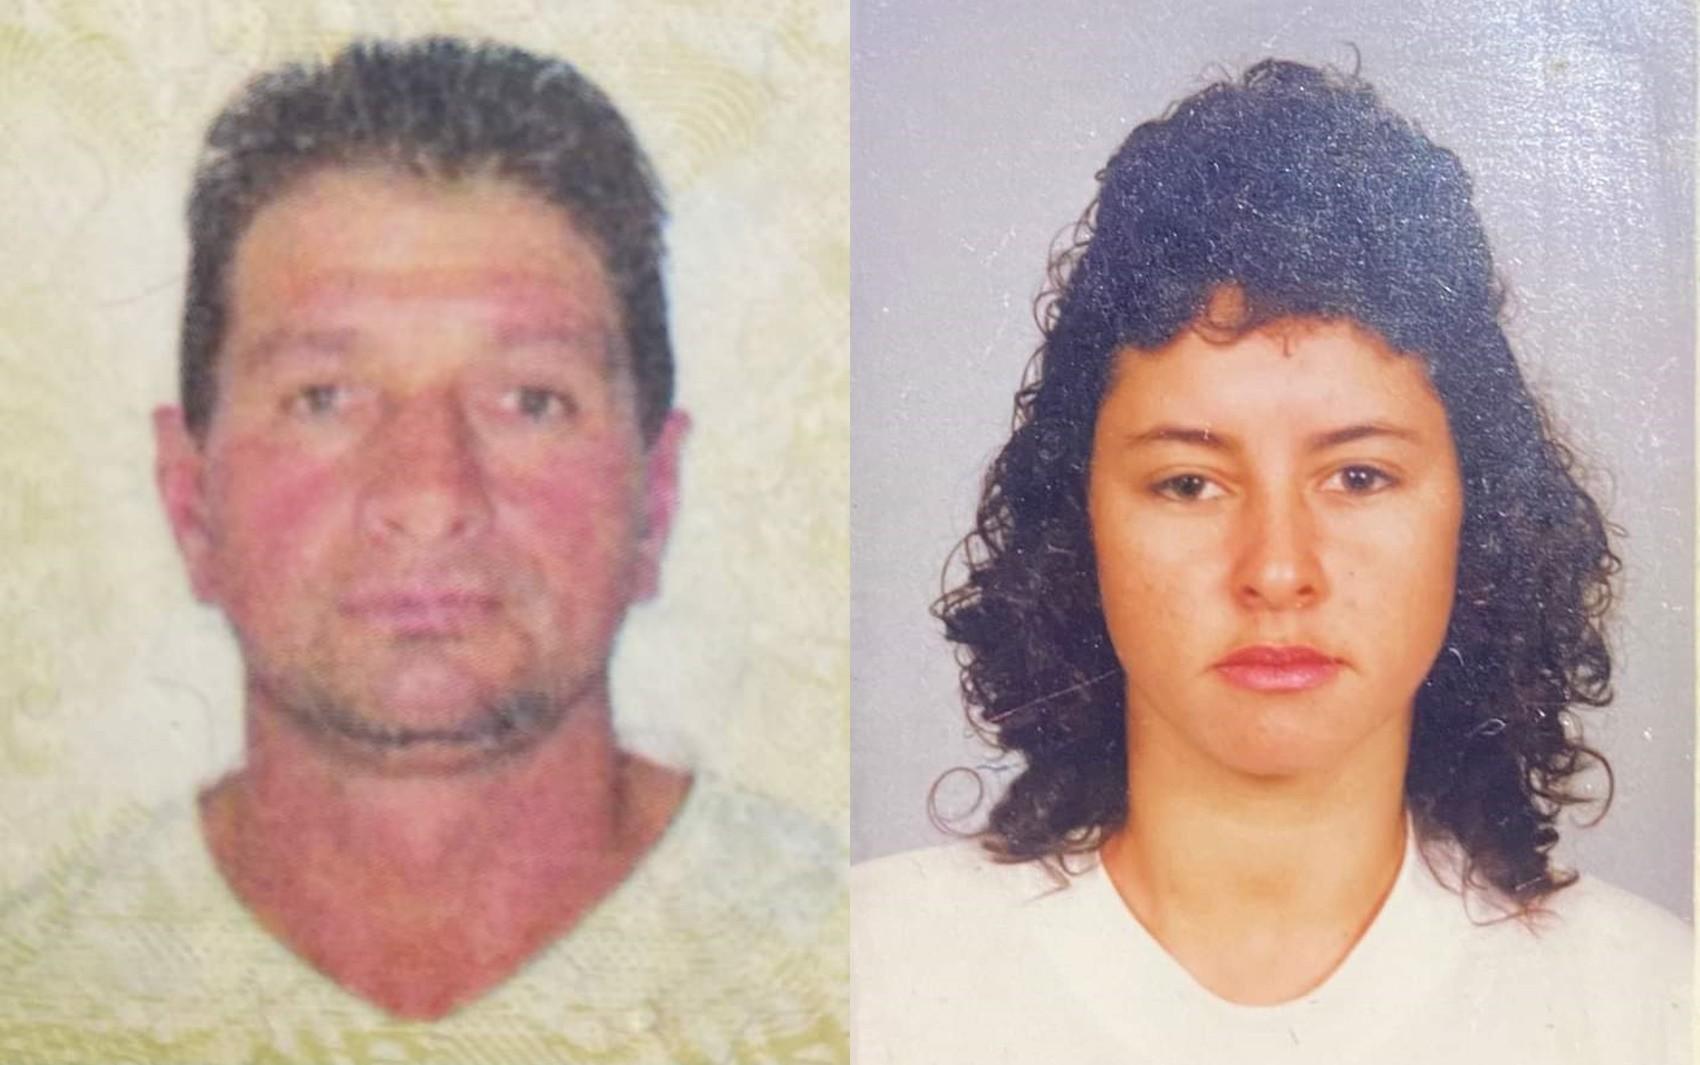 Casal morre após batida entre moto e carro na BR-491, em Monte Belo, MG